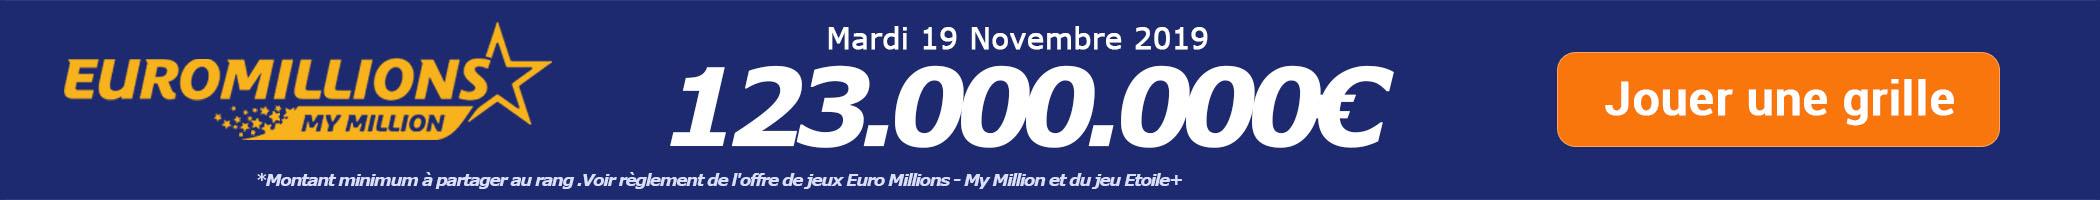 Jouer pour le super tirage Euromillions de 114.000.000€ ce vendredi 15 novembre !